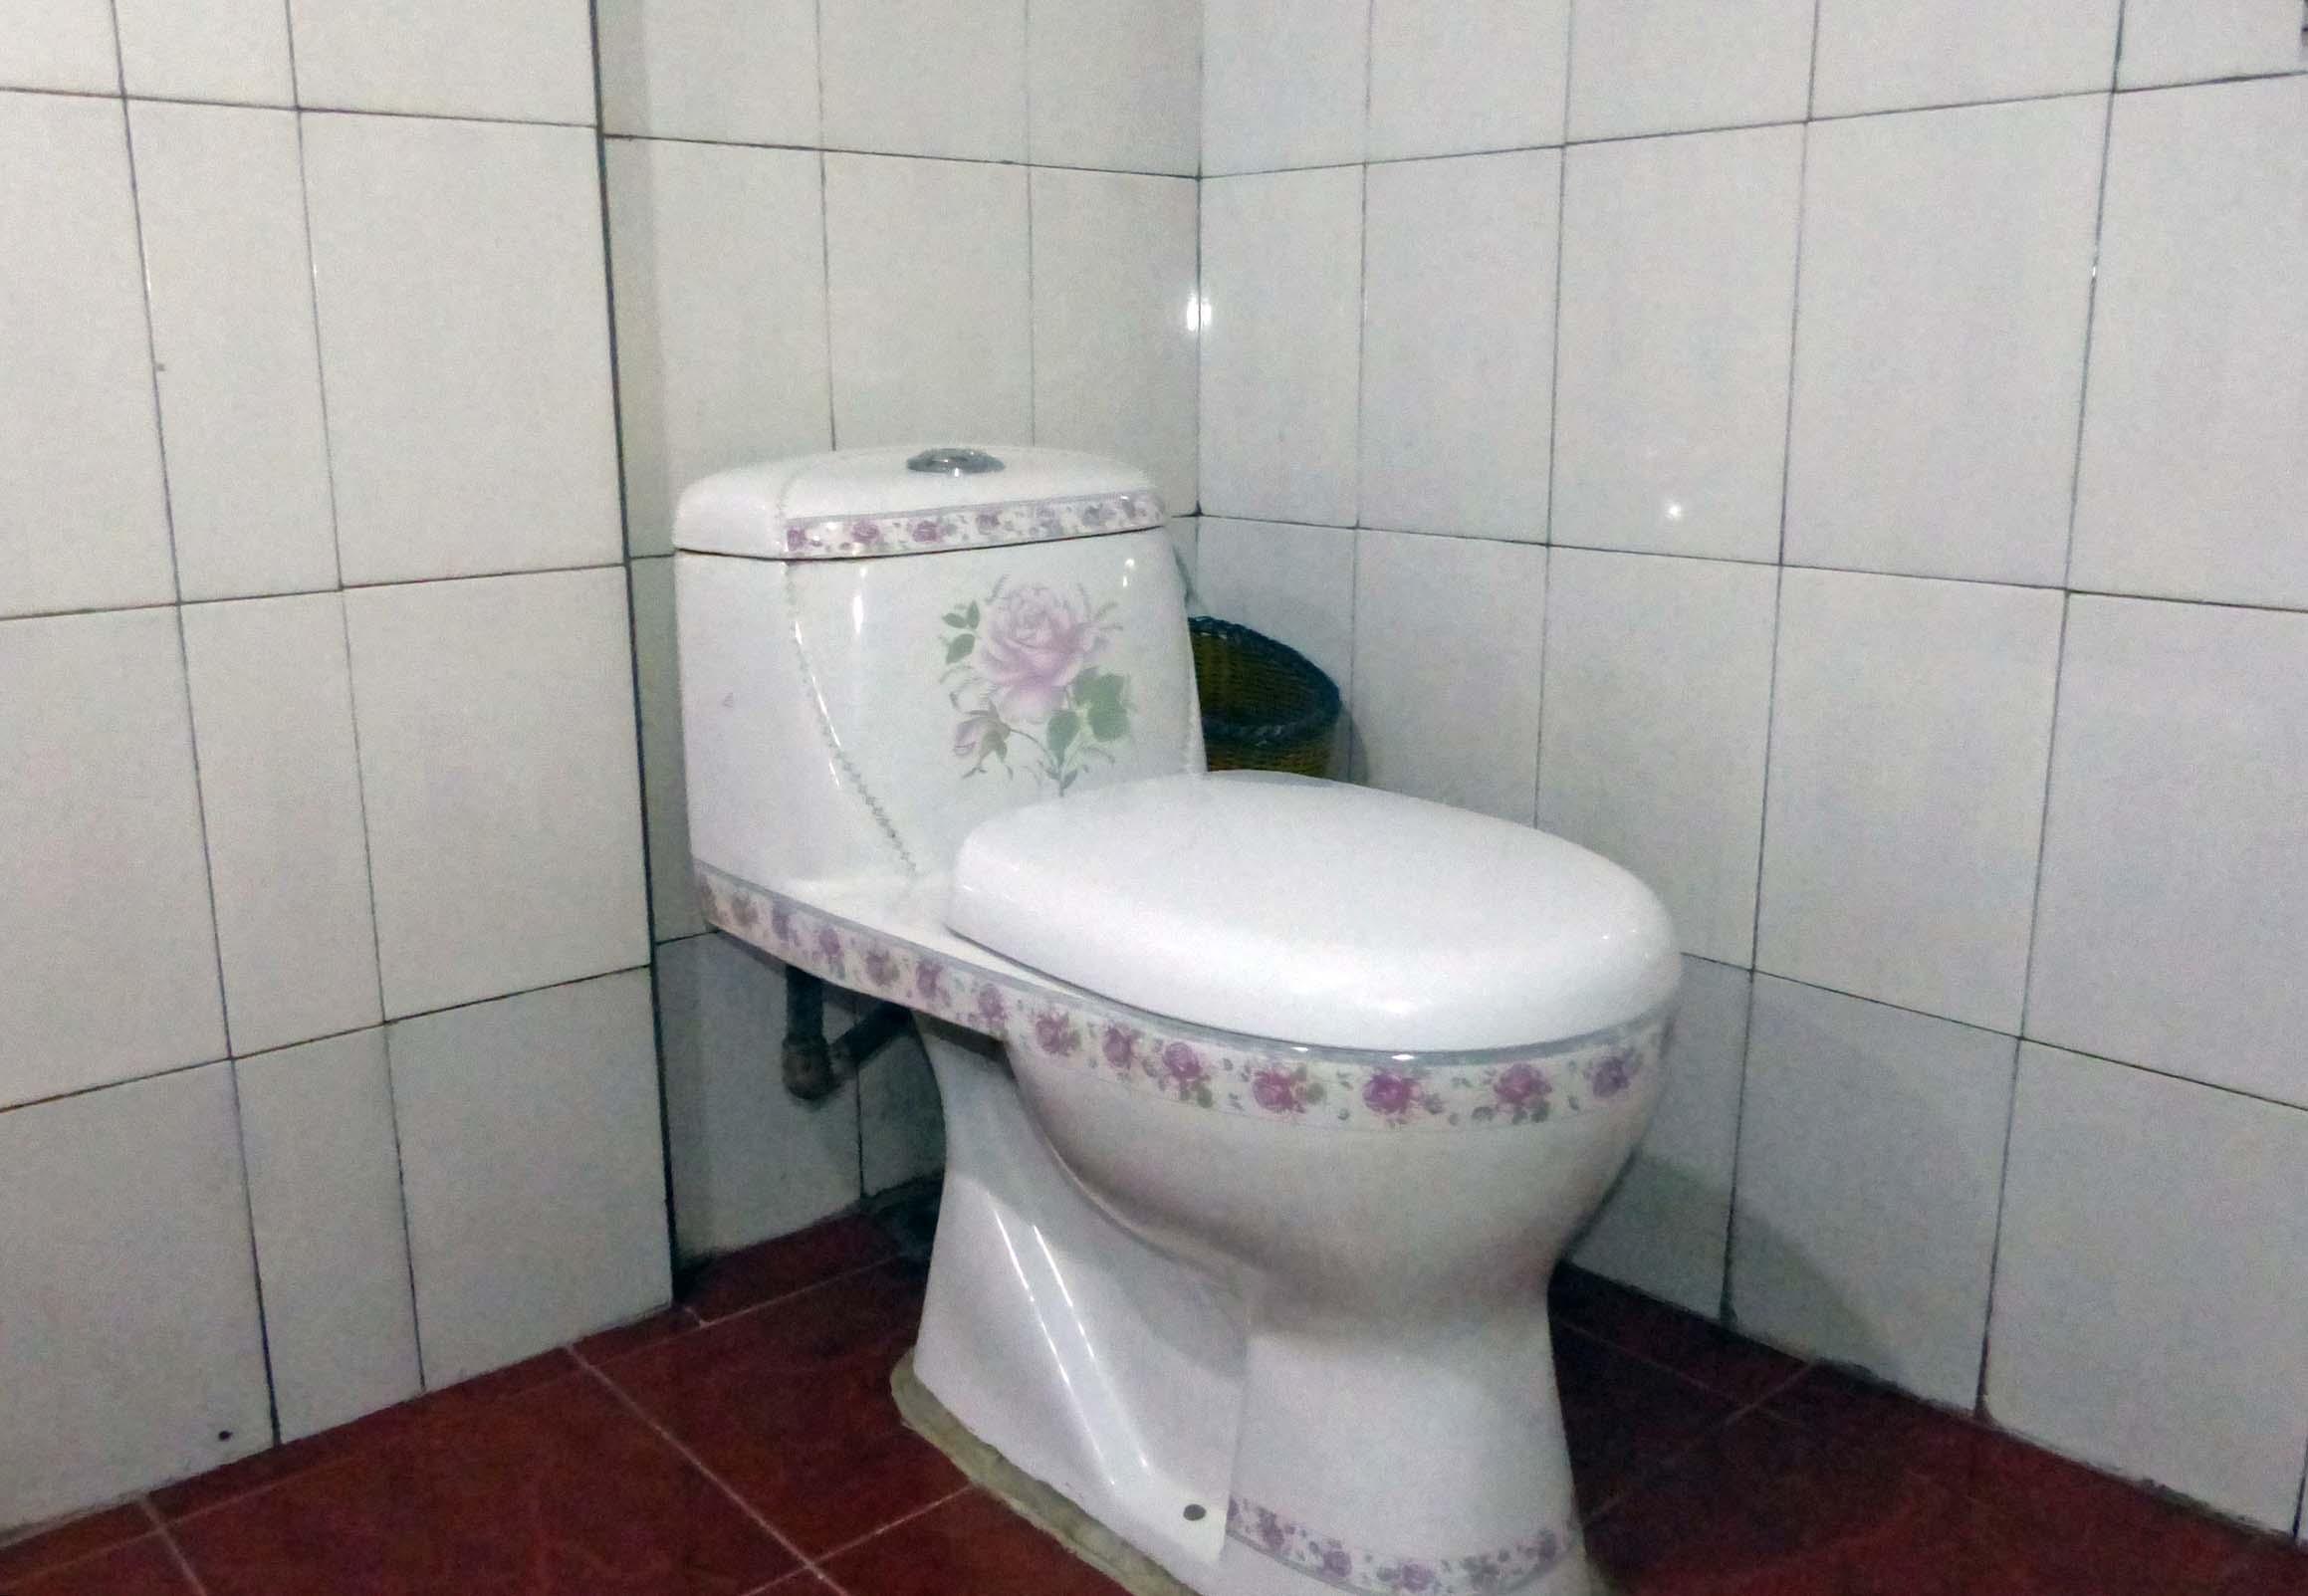 Toilet with mauve floral decoration